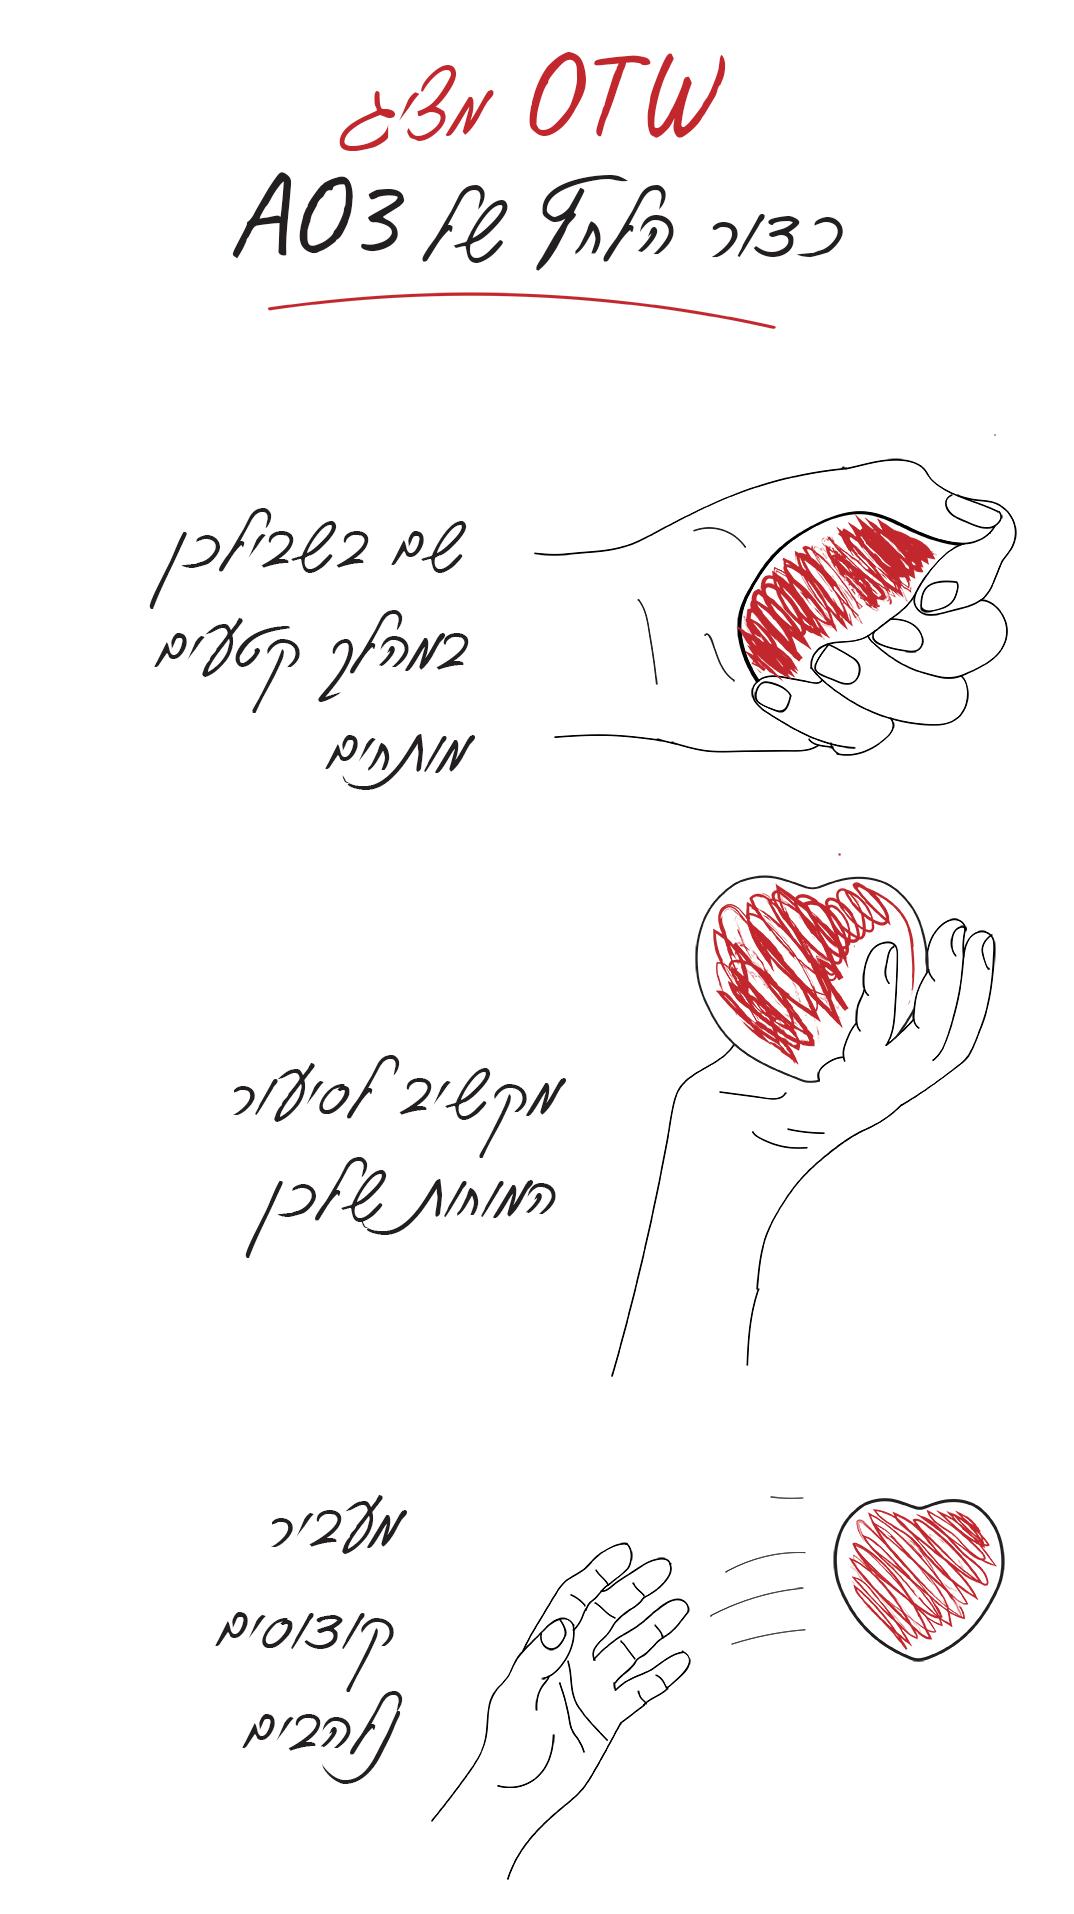 עיצוב המציג את השימושים האפשריים לכדור הלחץ עם הכיתוב: